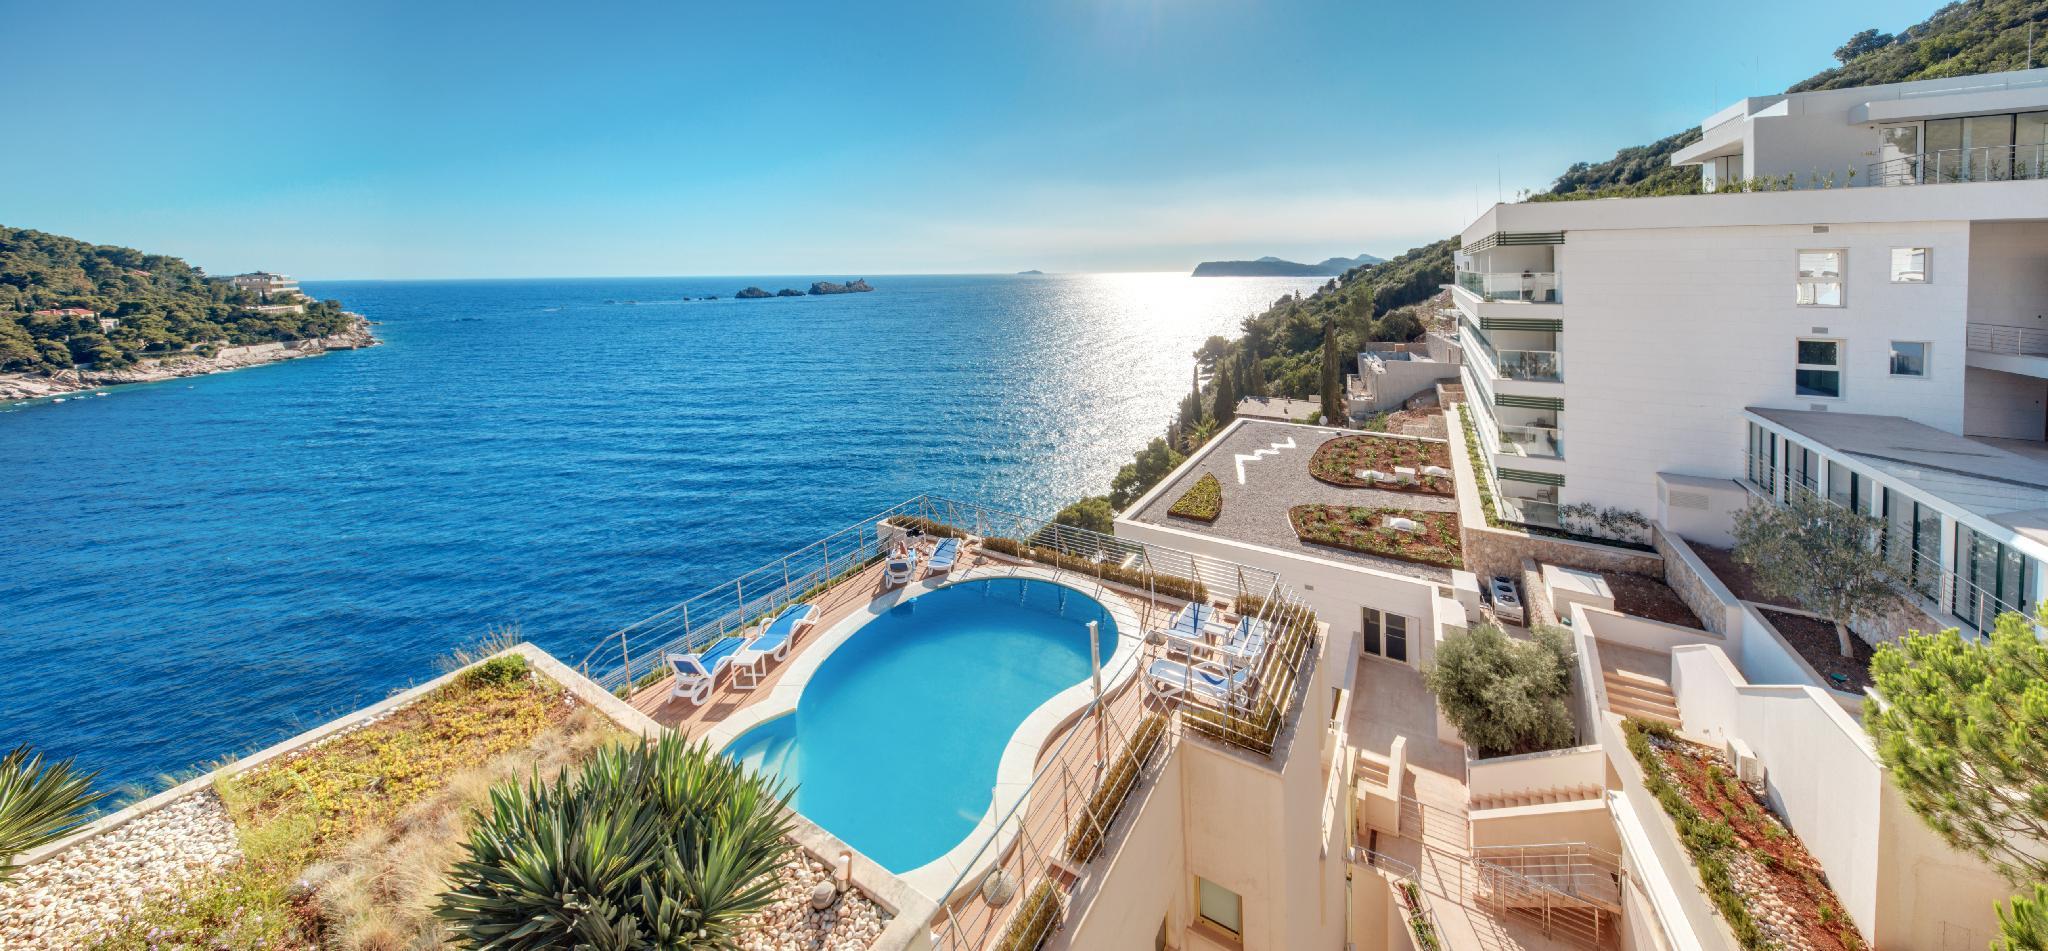 boutique hotel more room deals reviews photos dubrovnik croatia rh agoda com